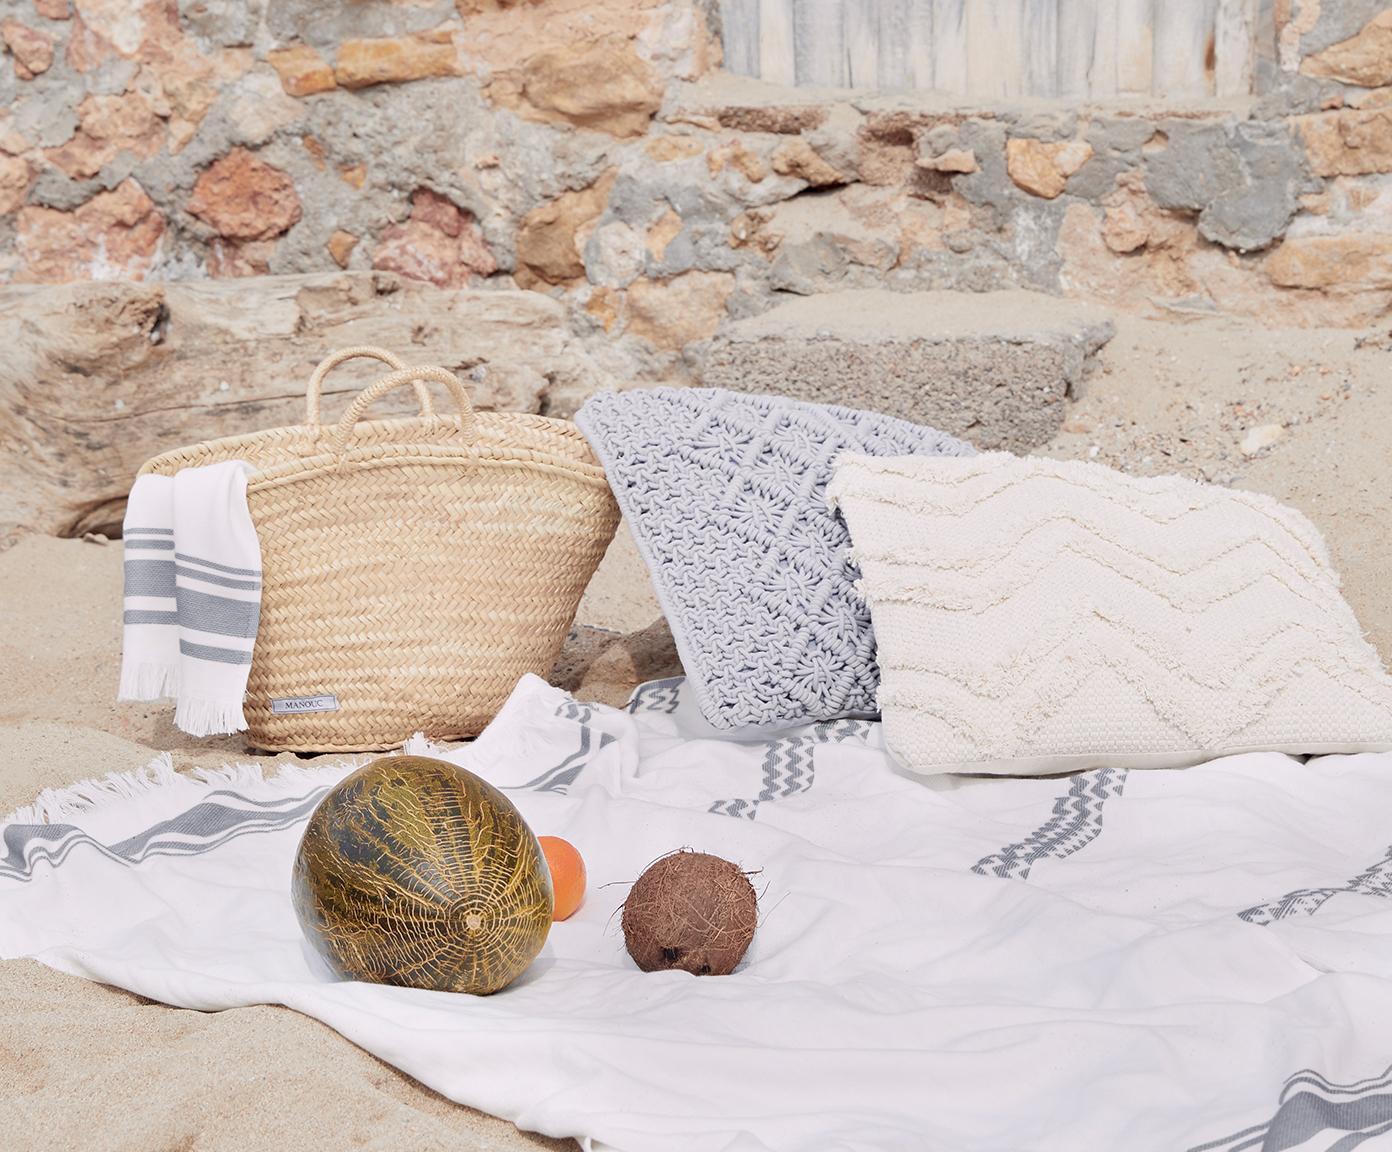 Komplet ręczników Ella, 3 elem., 100% bawełna Niska gramatura 400 g/m², Biały, ciemnyszary, Różne rozmiary